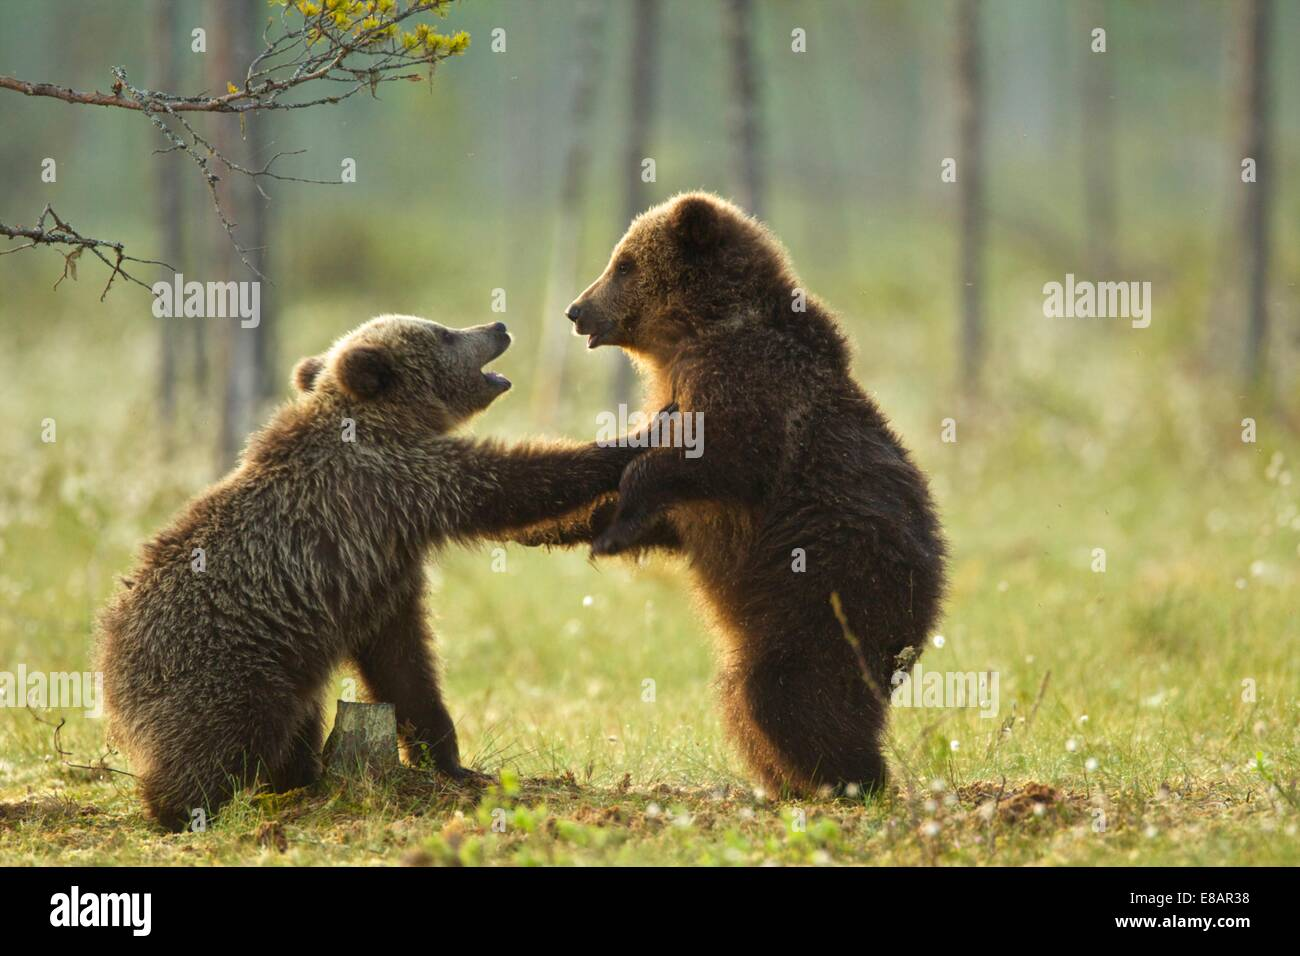 Deux oursons brun jouer combats (Ursus arctos) dans la région de la taïga, Finlande Photo Stock